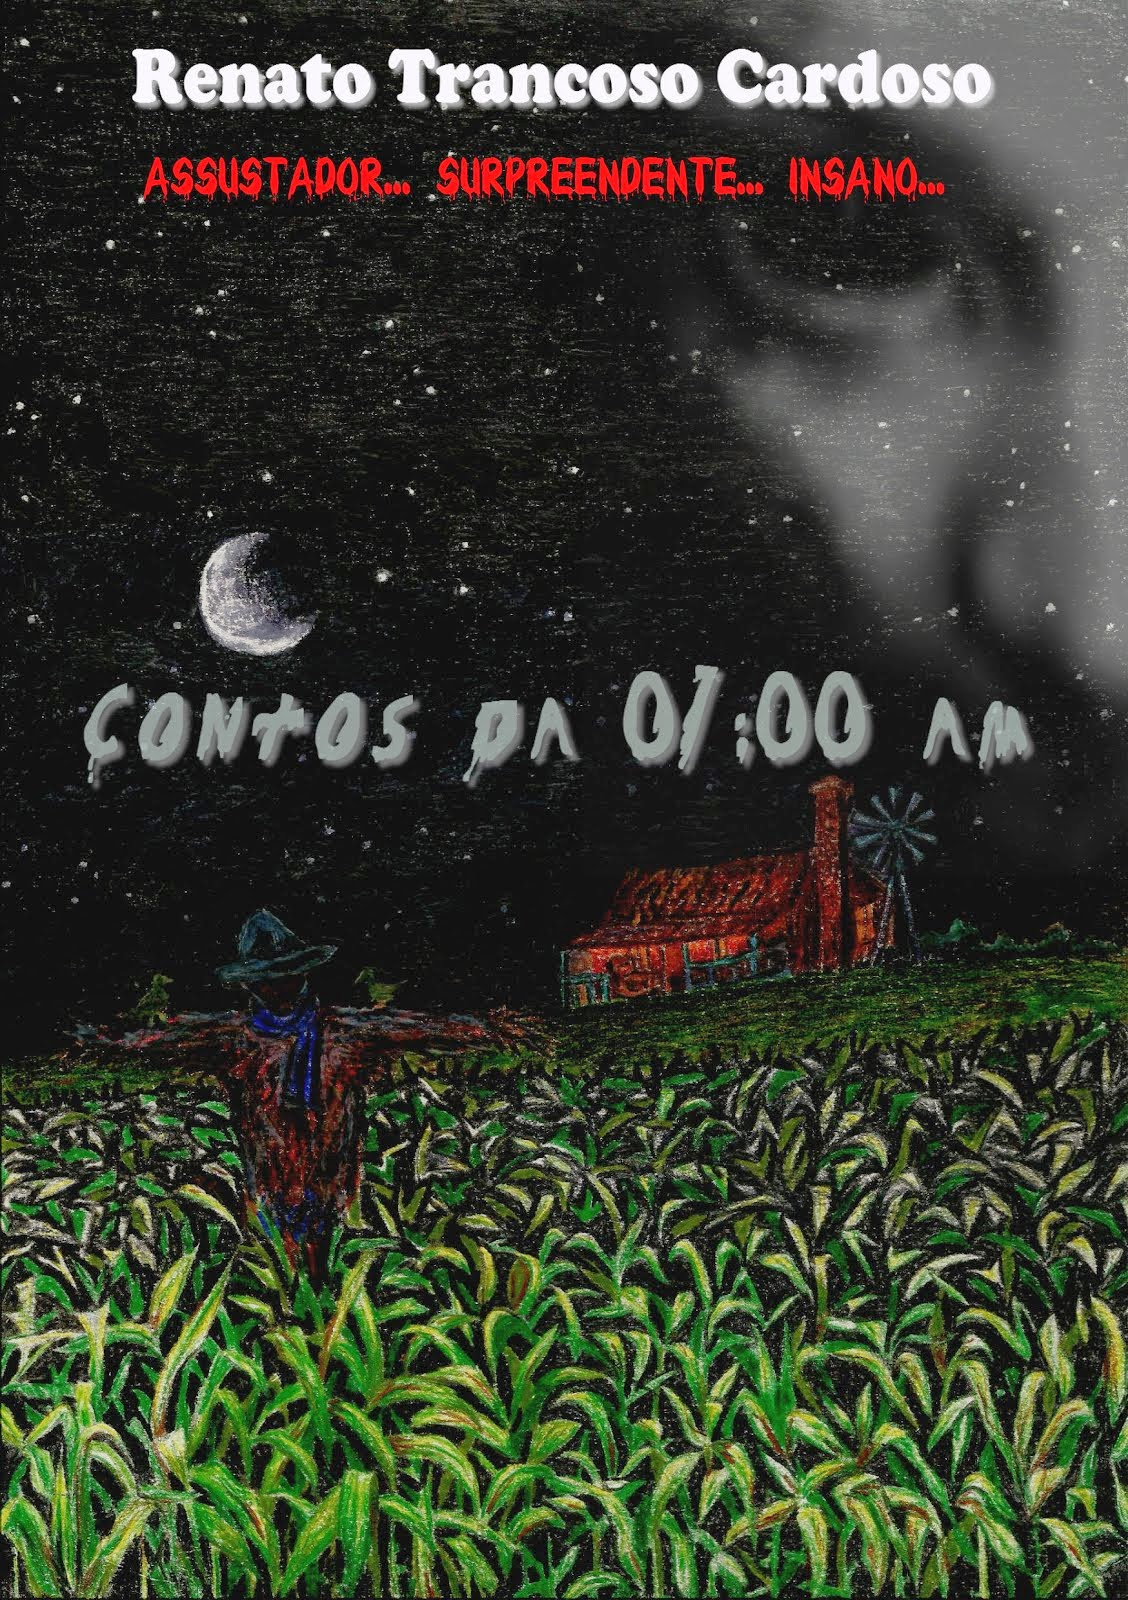 Contos da 01:00 am